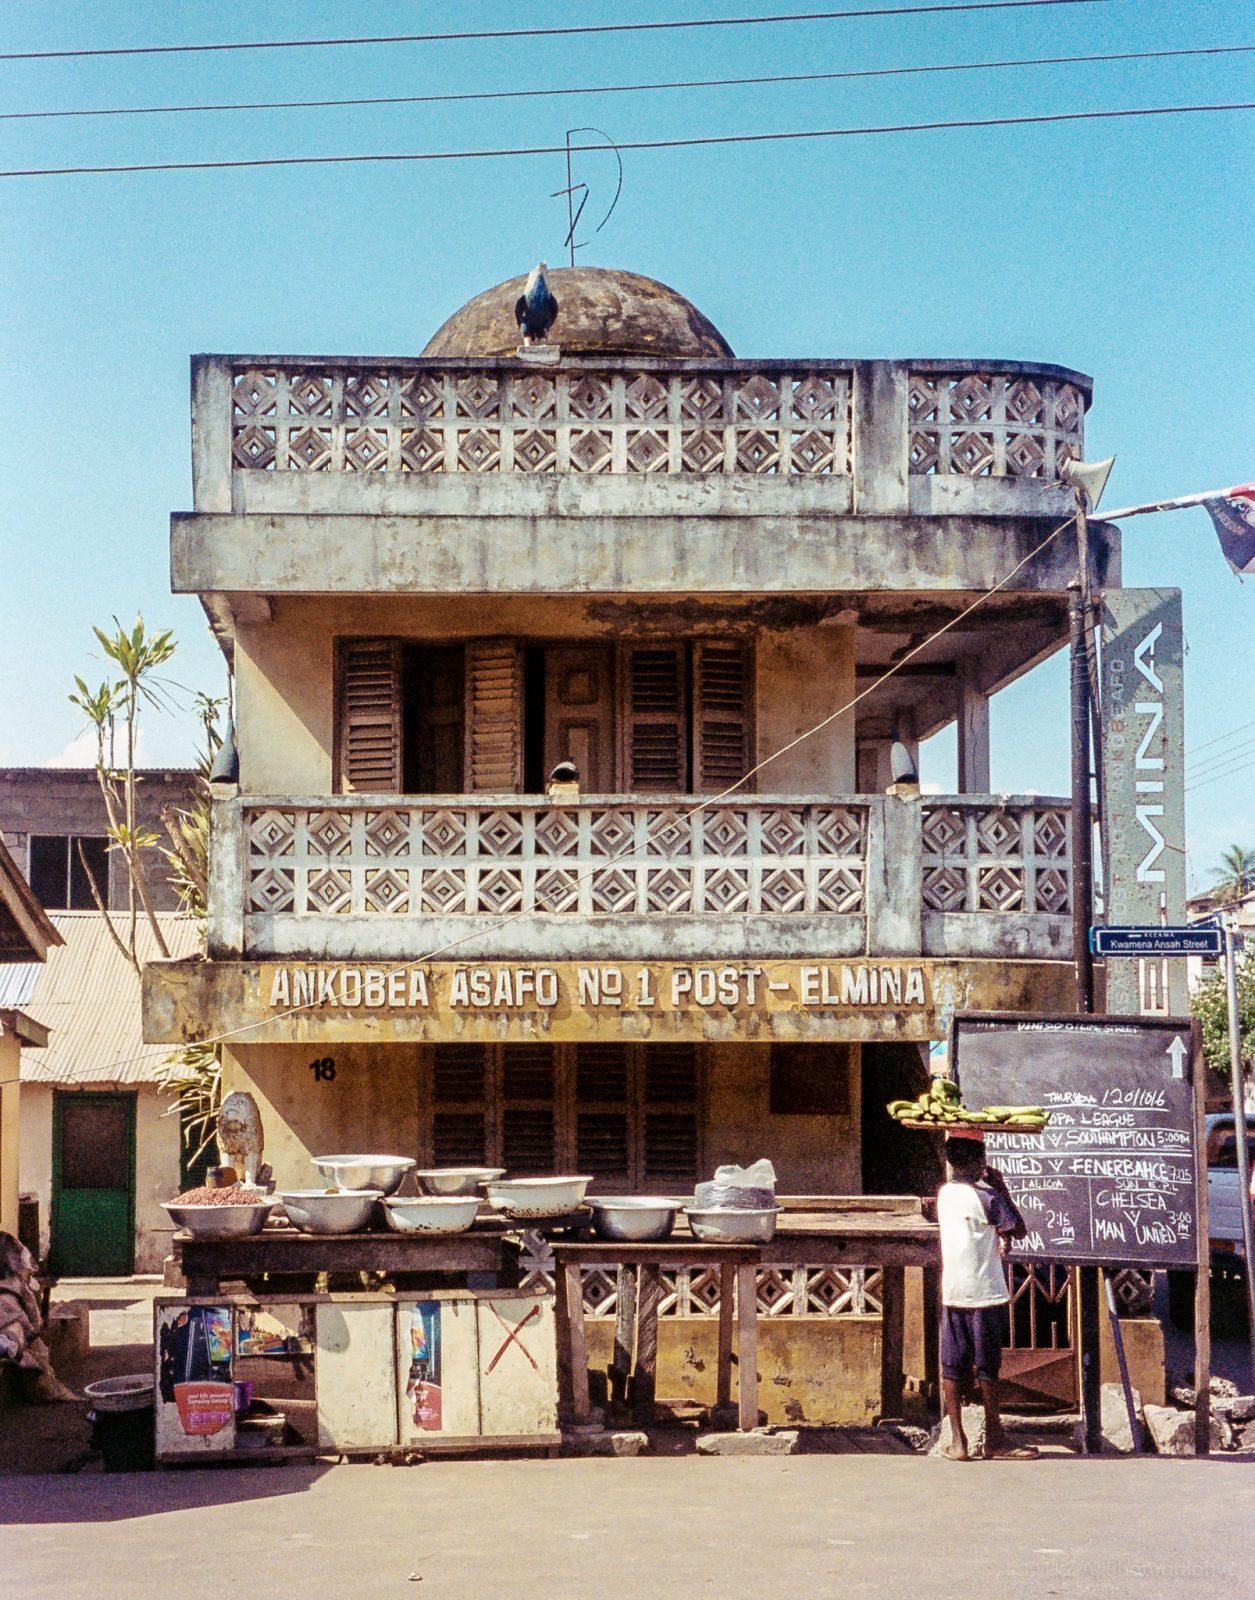 Elmina - Posuban of Asafo company No. 1 Ankobea